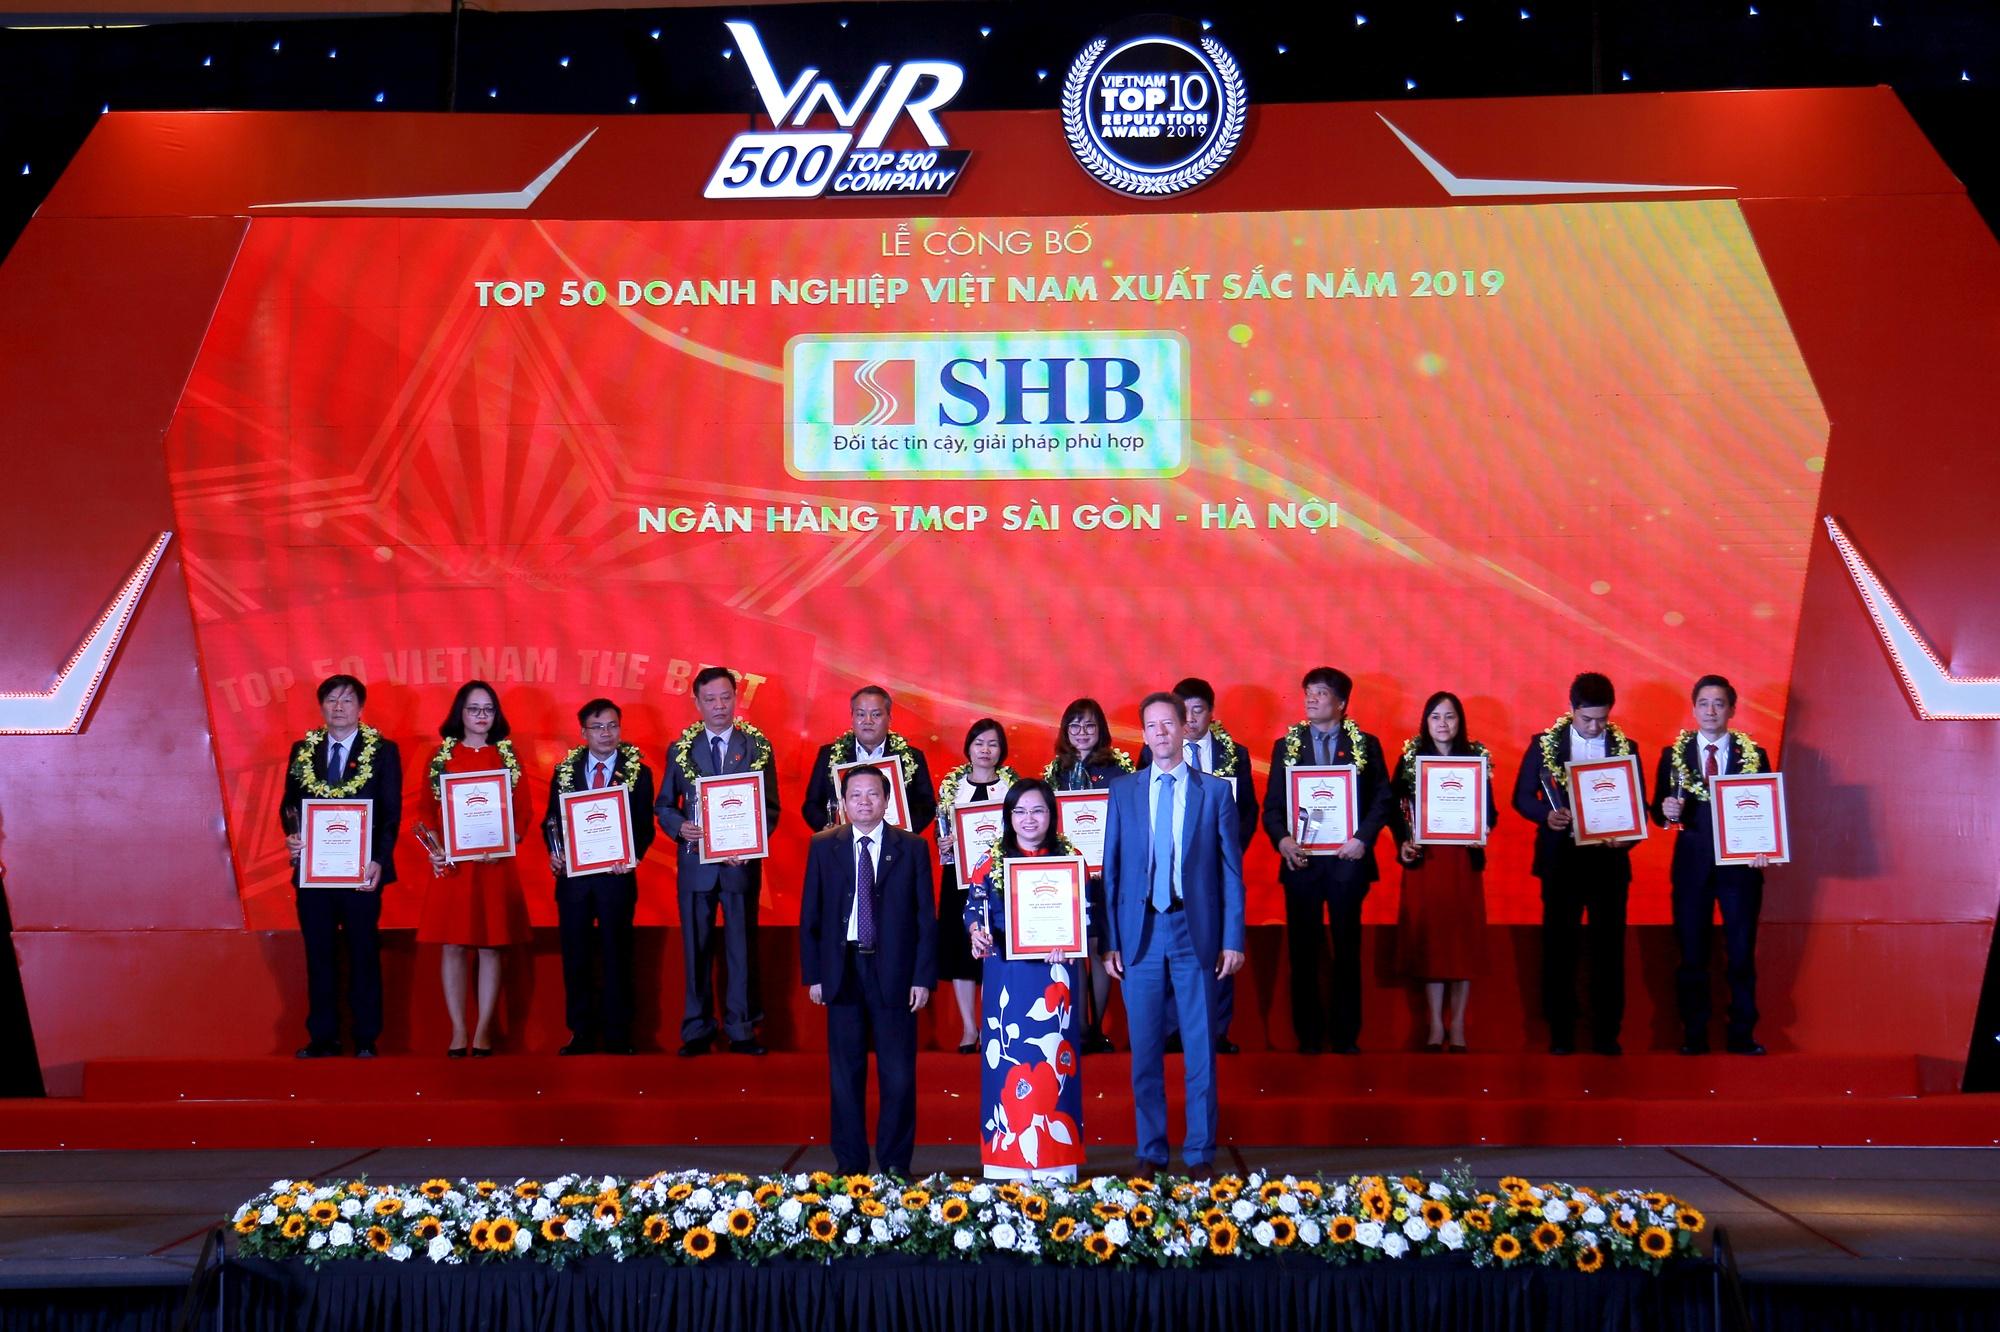 shb top 50 doanh nghiep xuat sac nhat top 30 cong ty dai chung lon nhat viet nam